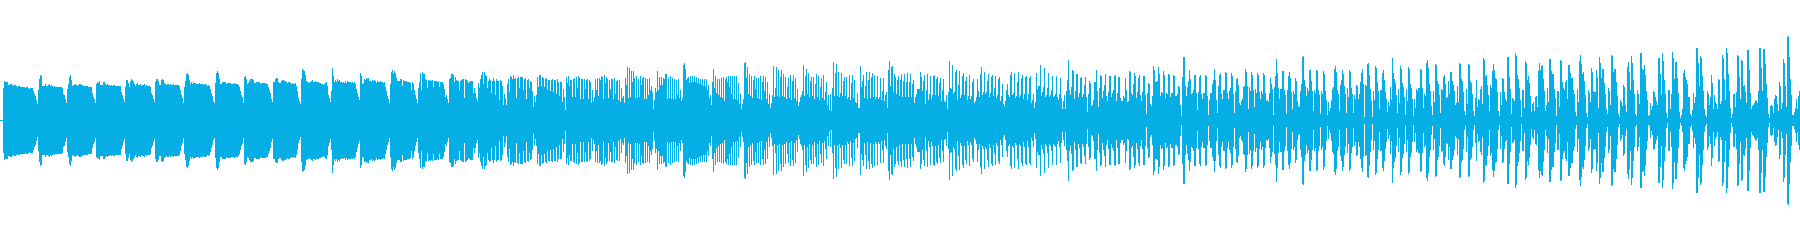 ビデオゲームミュージック:大規模お...の再生済みの波形